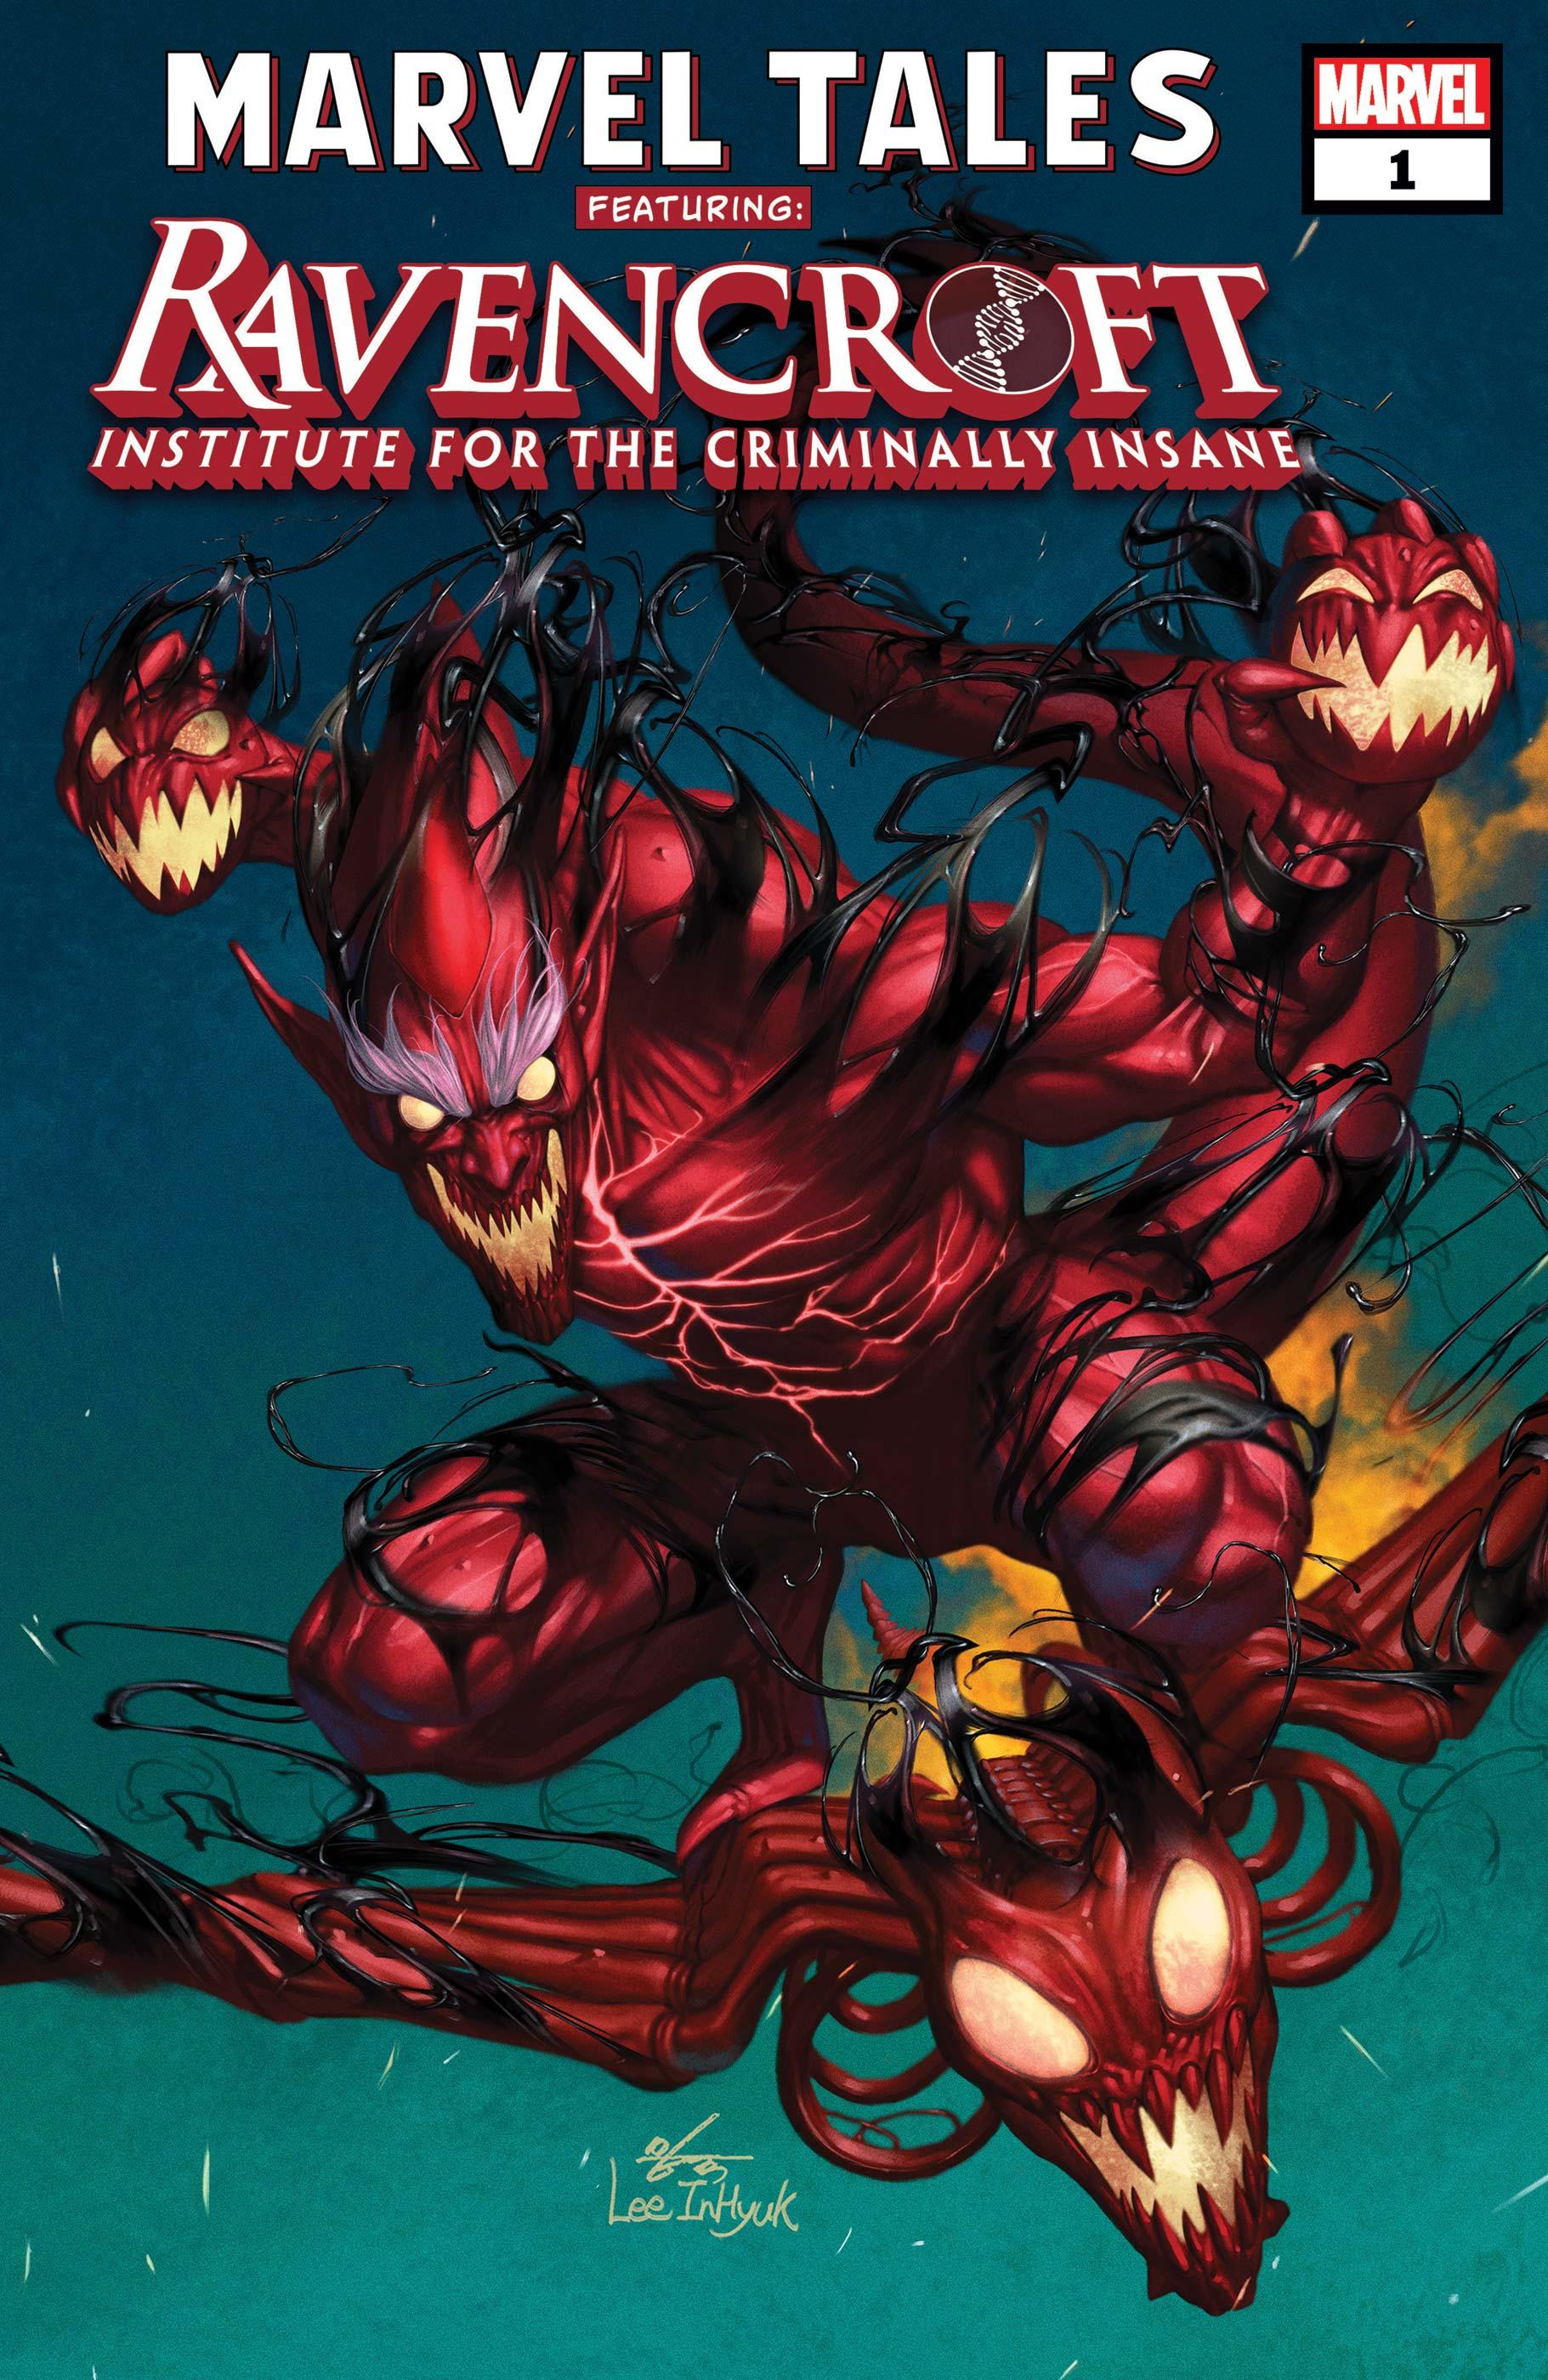 Marvel Tales: Ravencroft (2020) #1